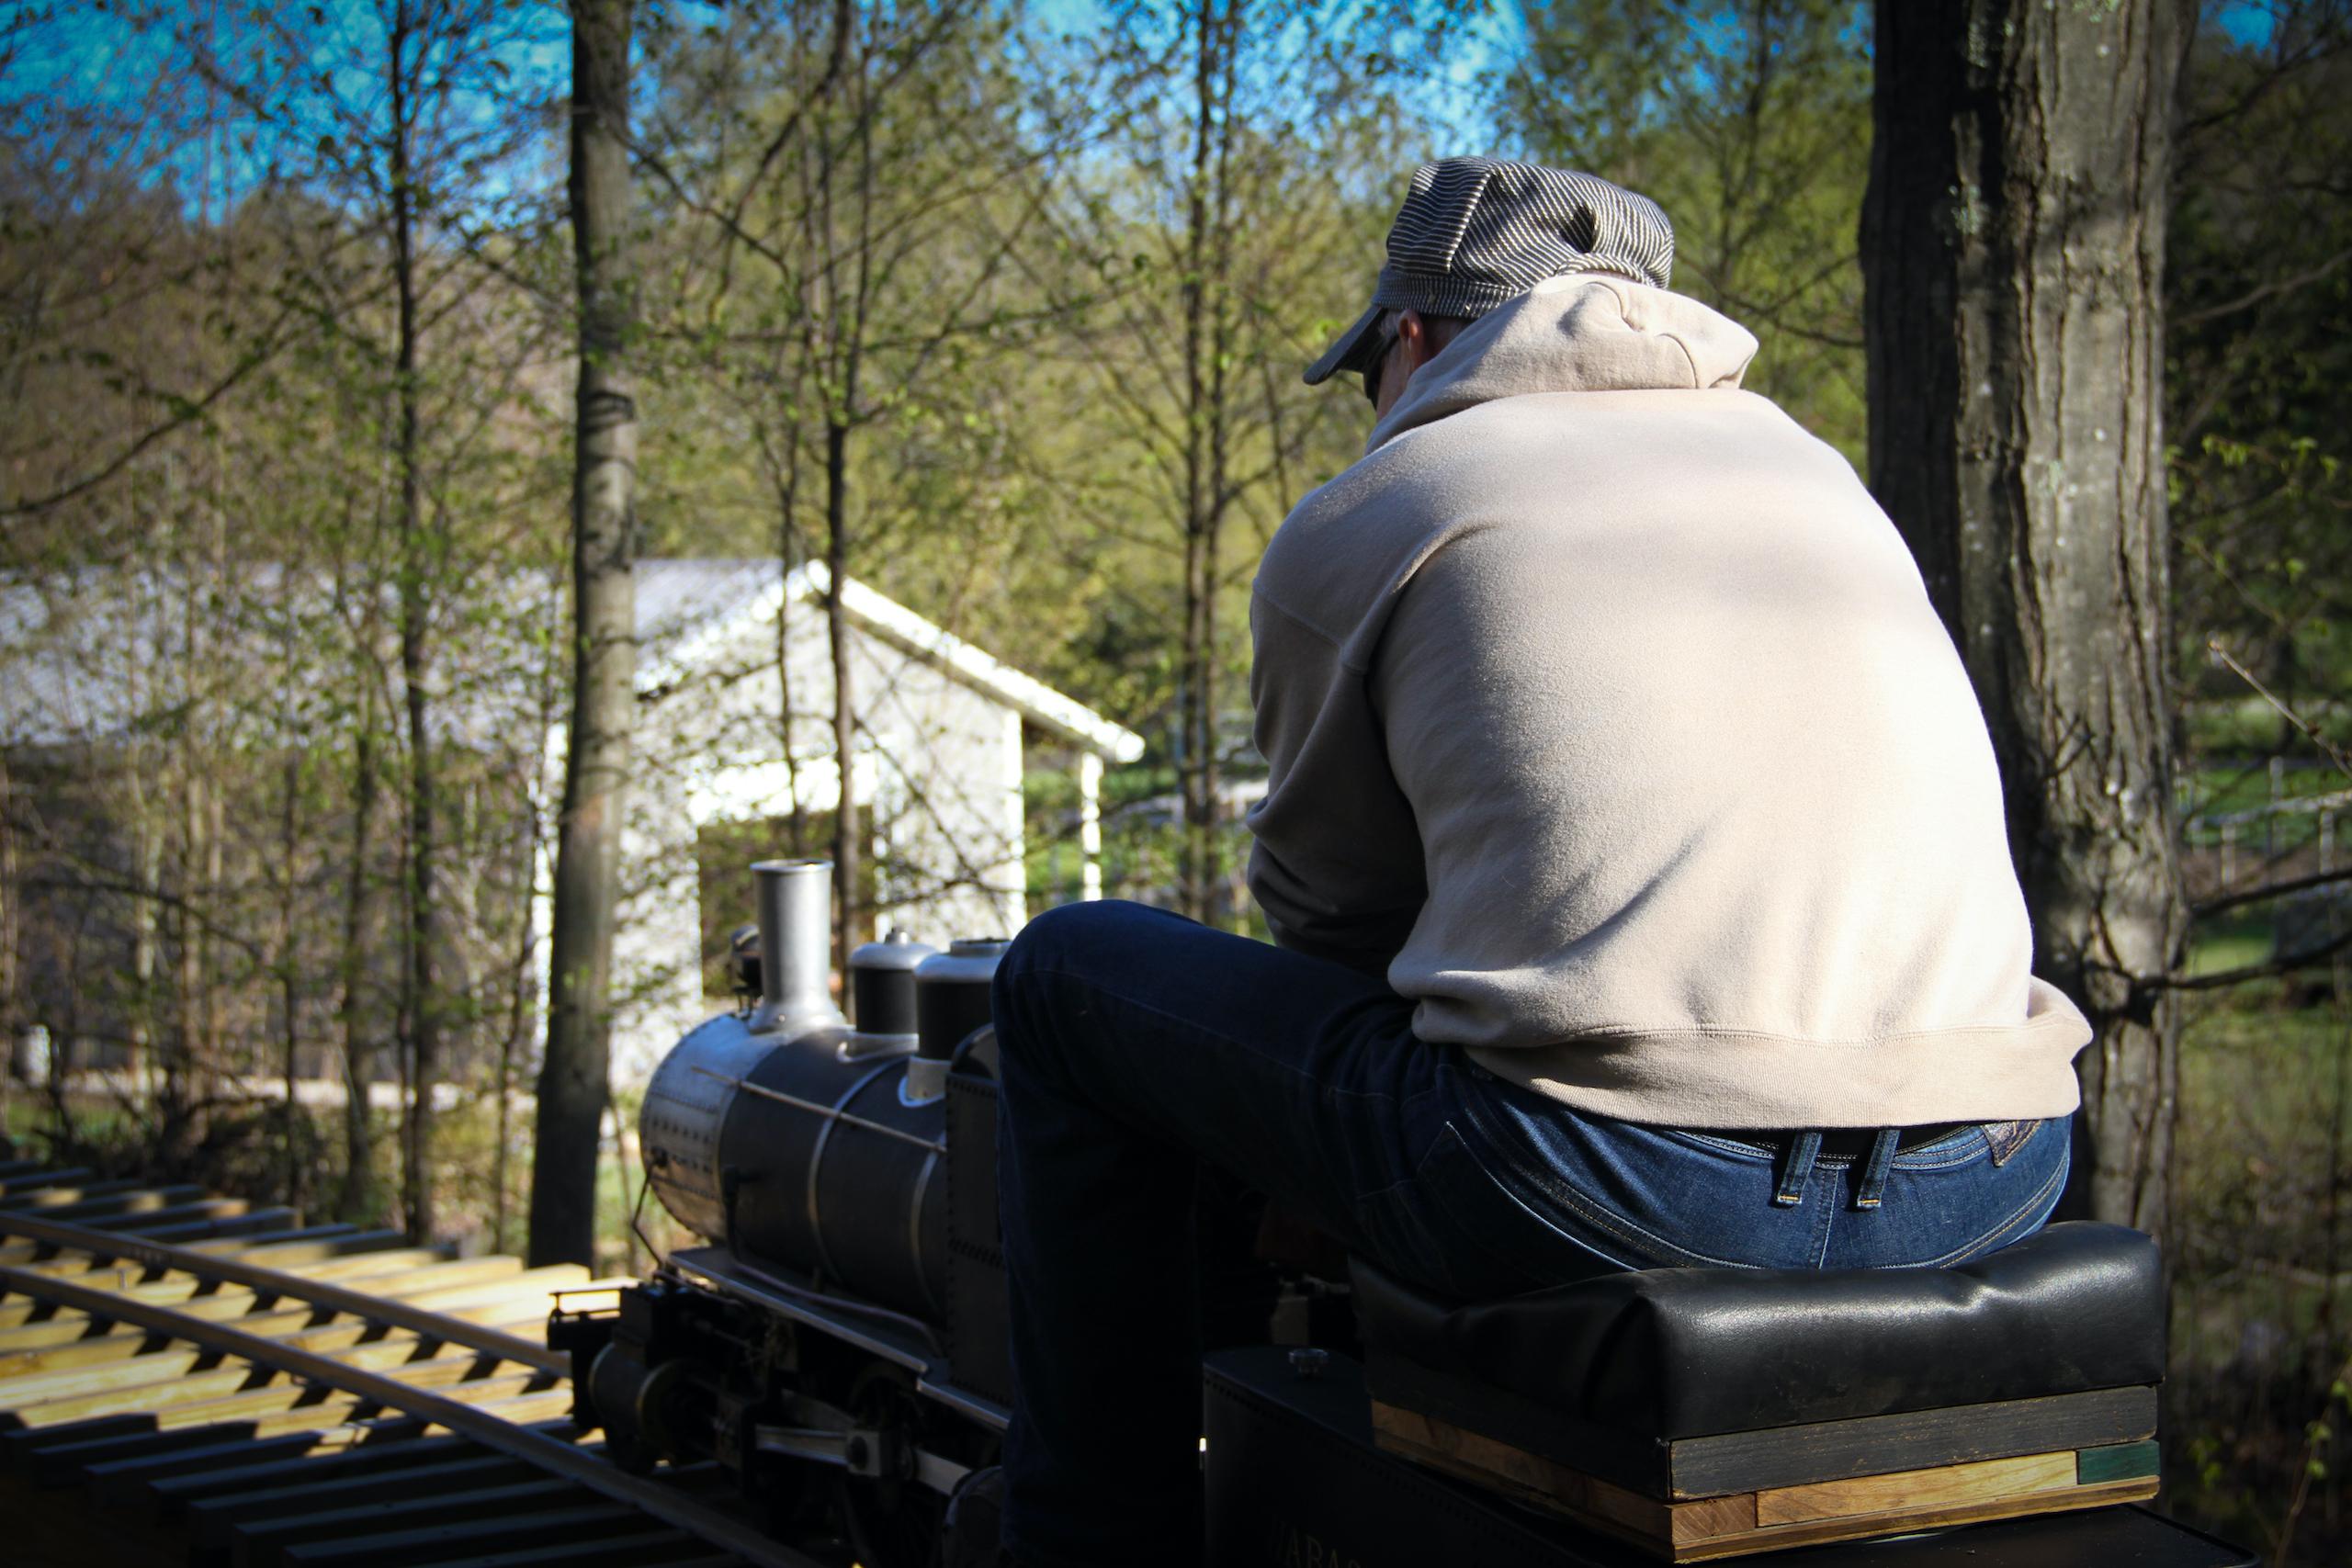 scale locomotive operator